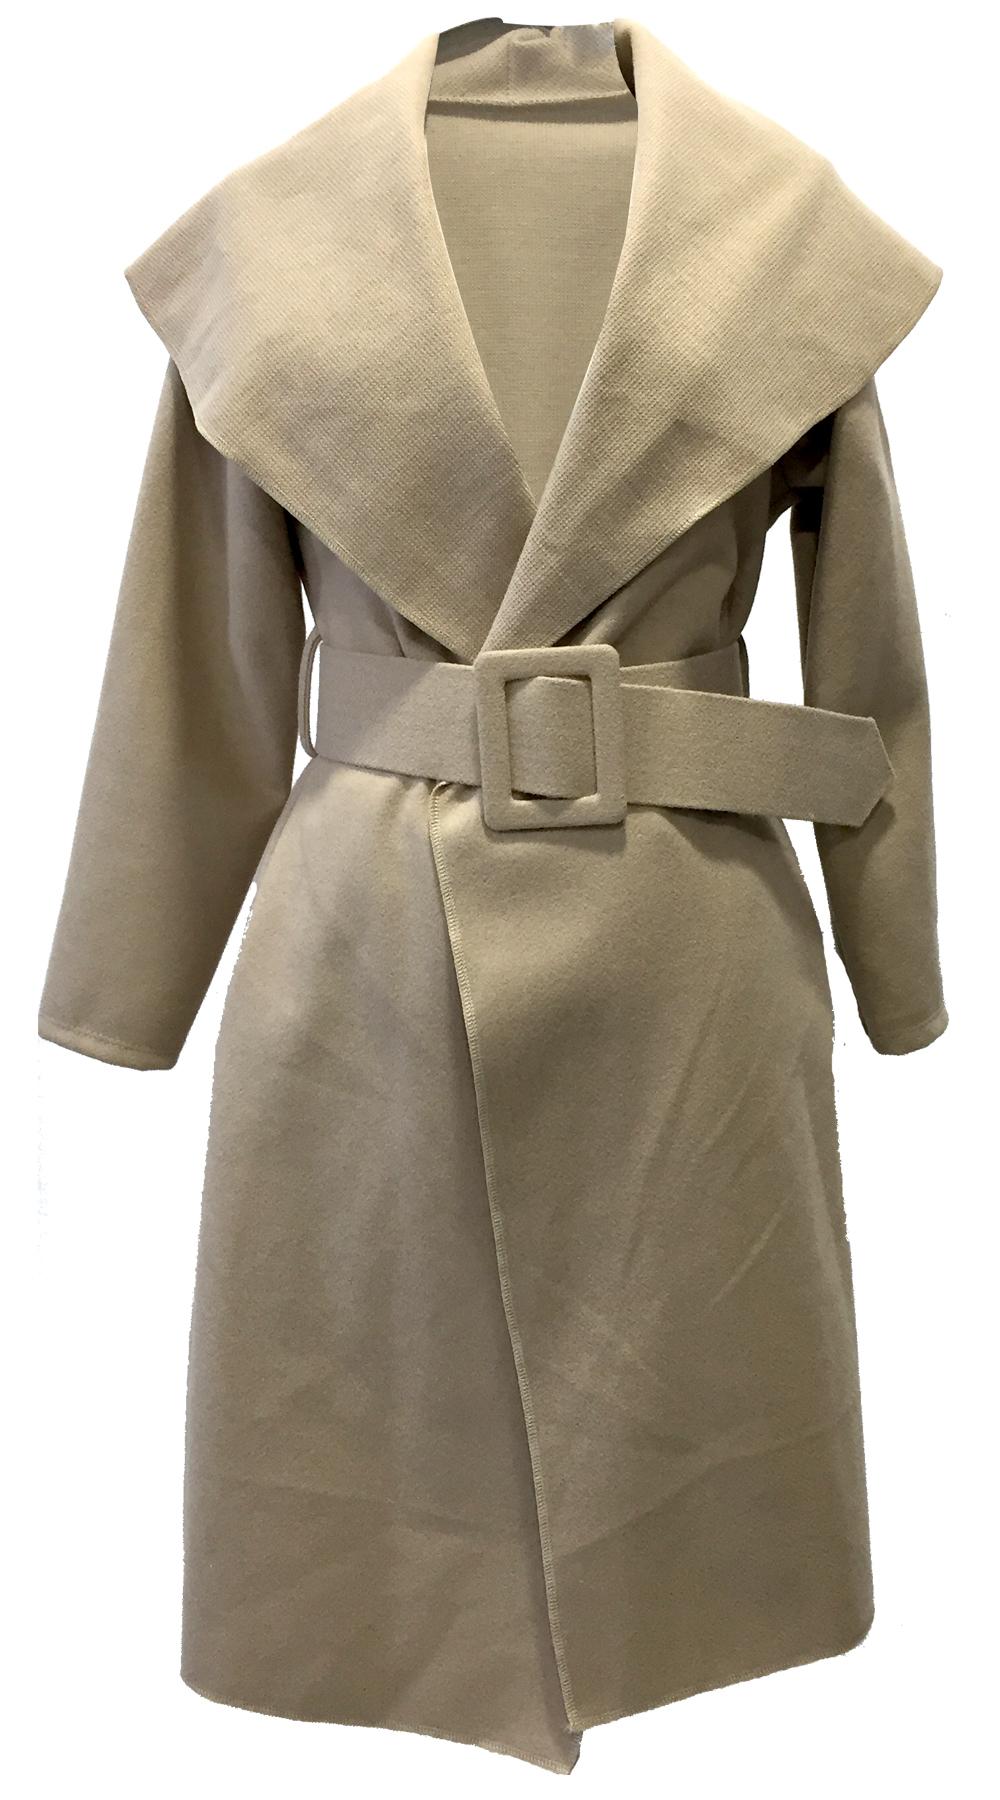 Απαλό Βελούρ Παλτό με Ζώνη - MissReina - FW18SOF-44993 πανωφόρια παλτό